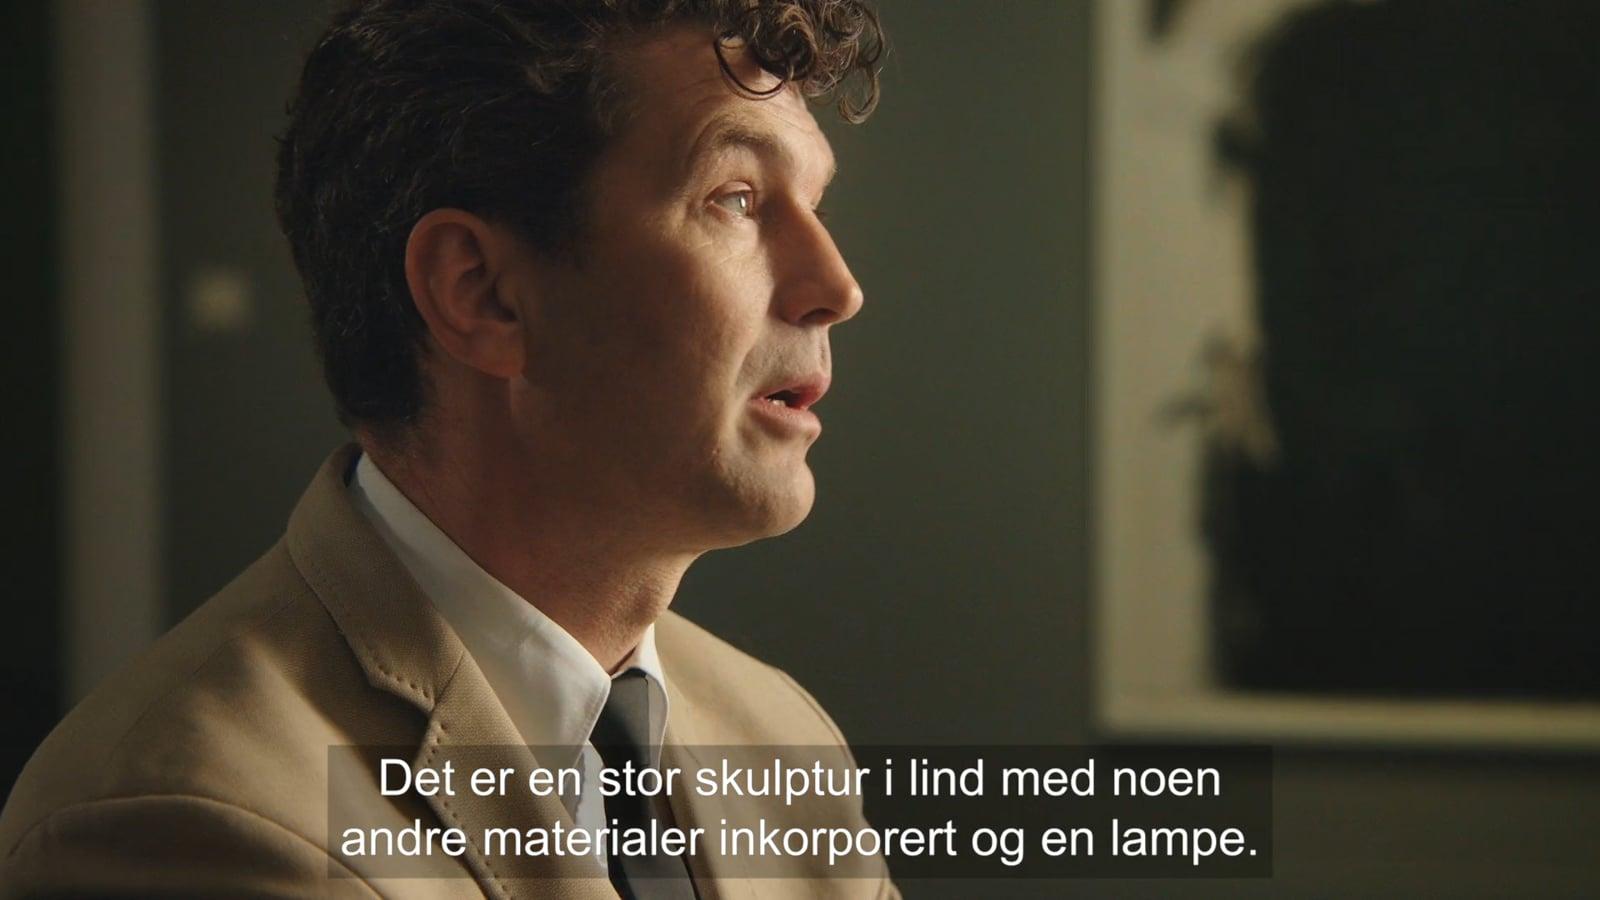 Kunstnerintervju: Mattias Härenstam